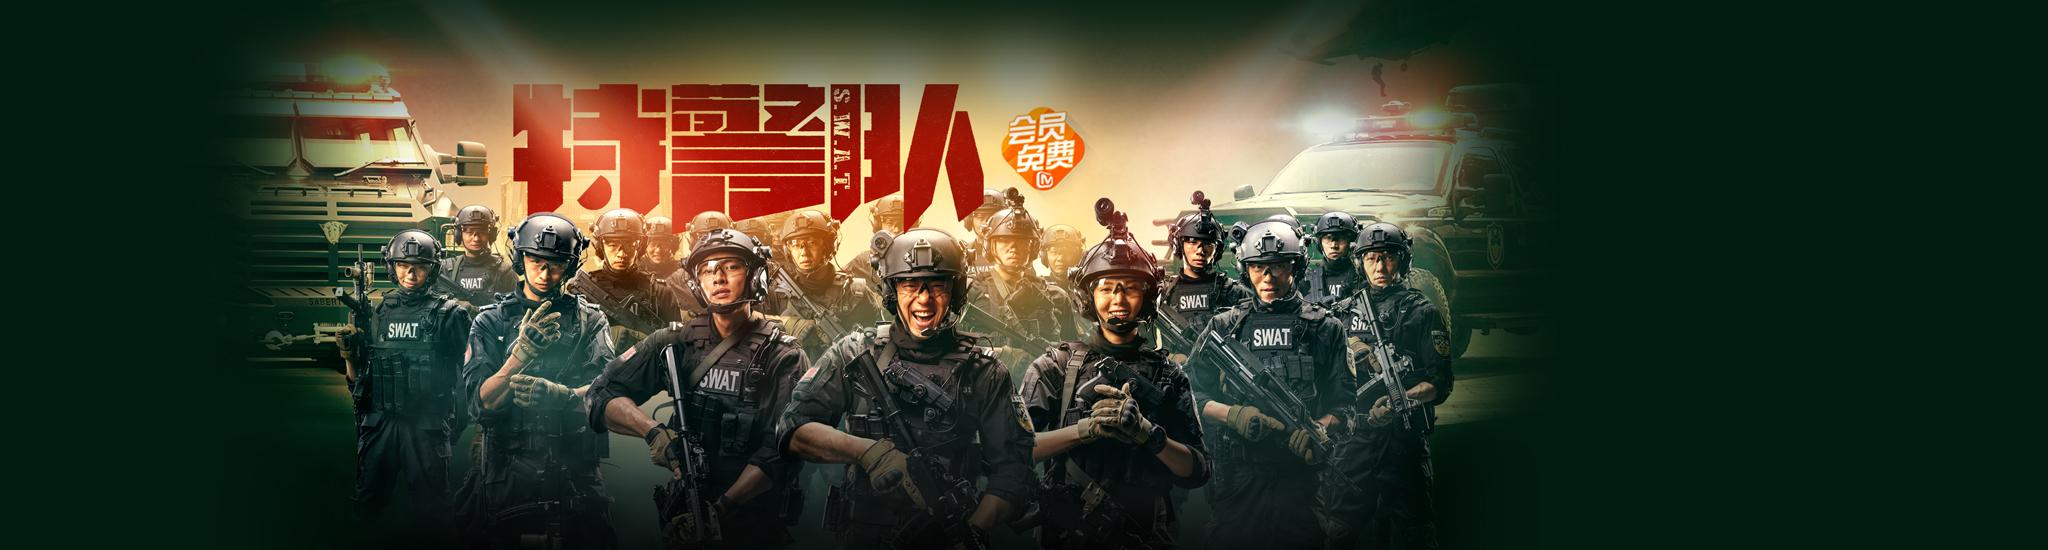 特警队2019 HD